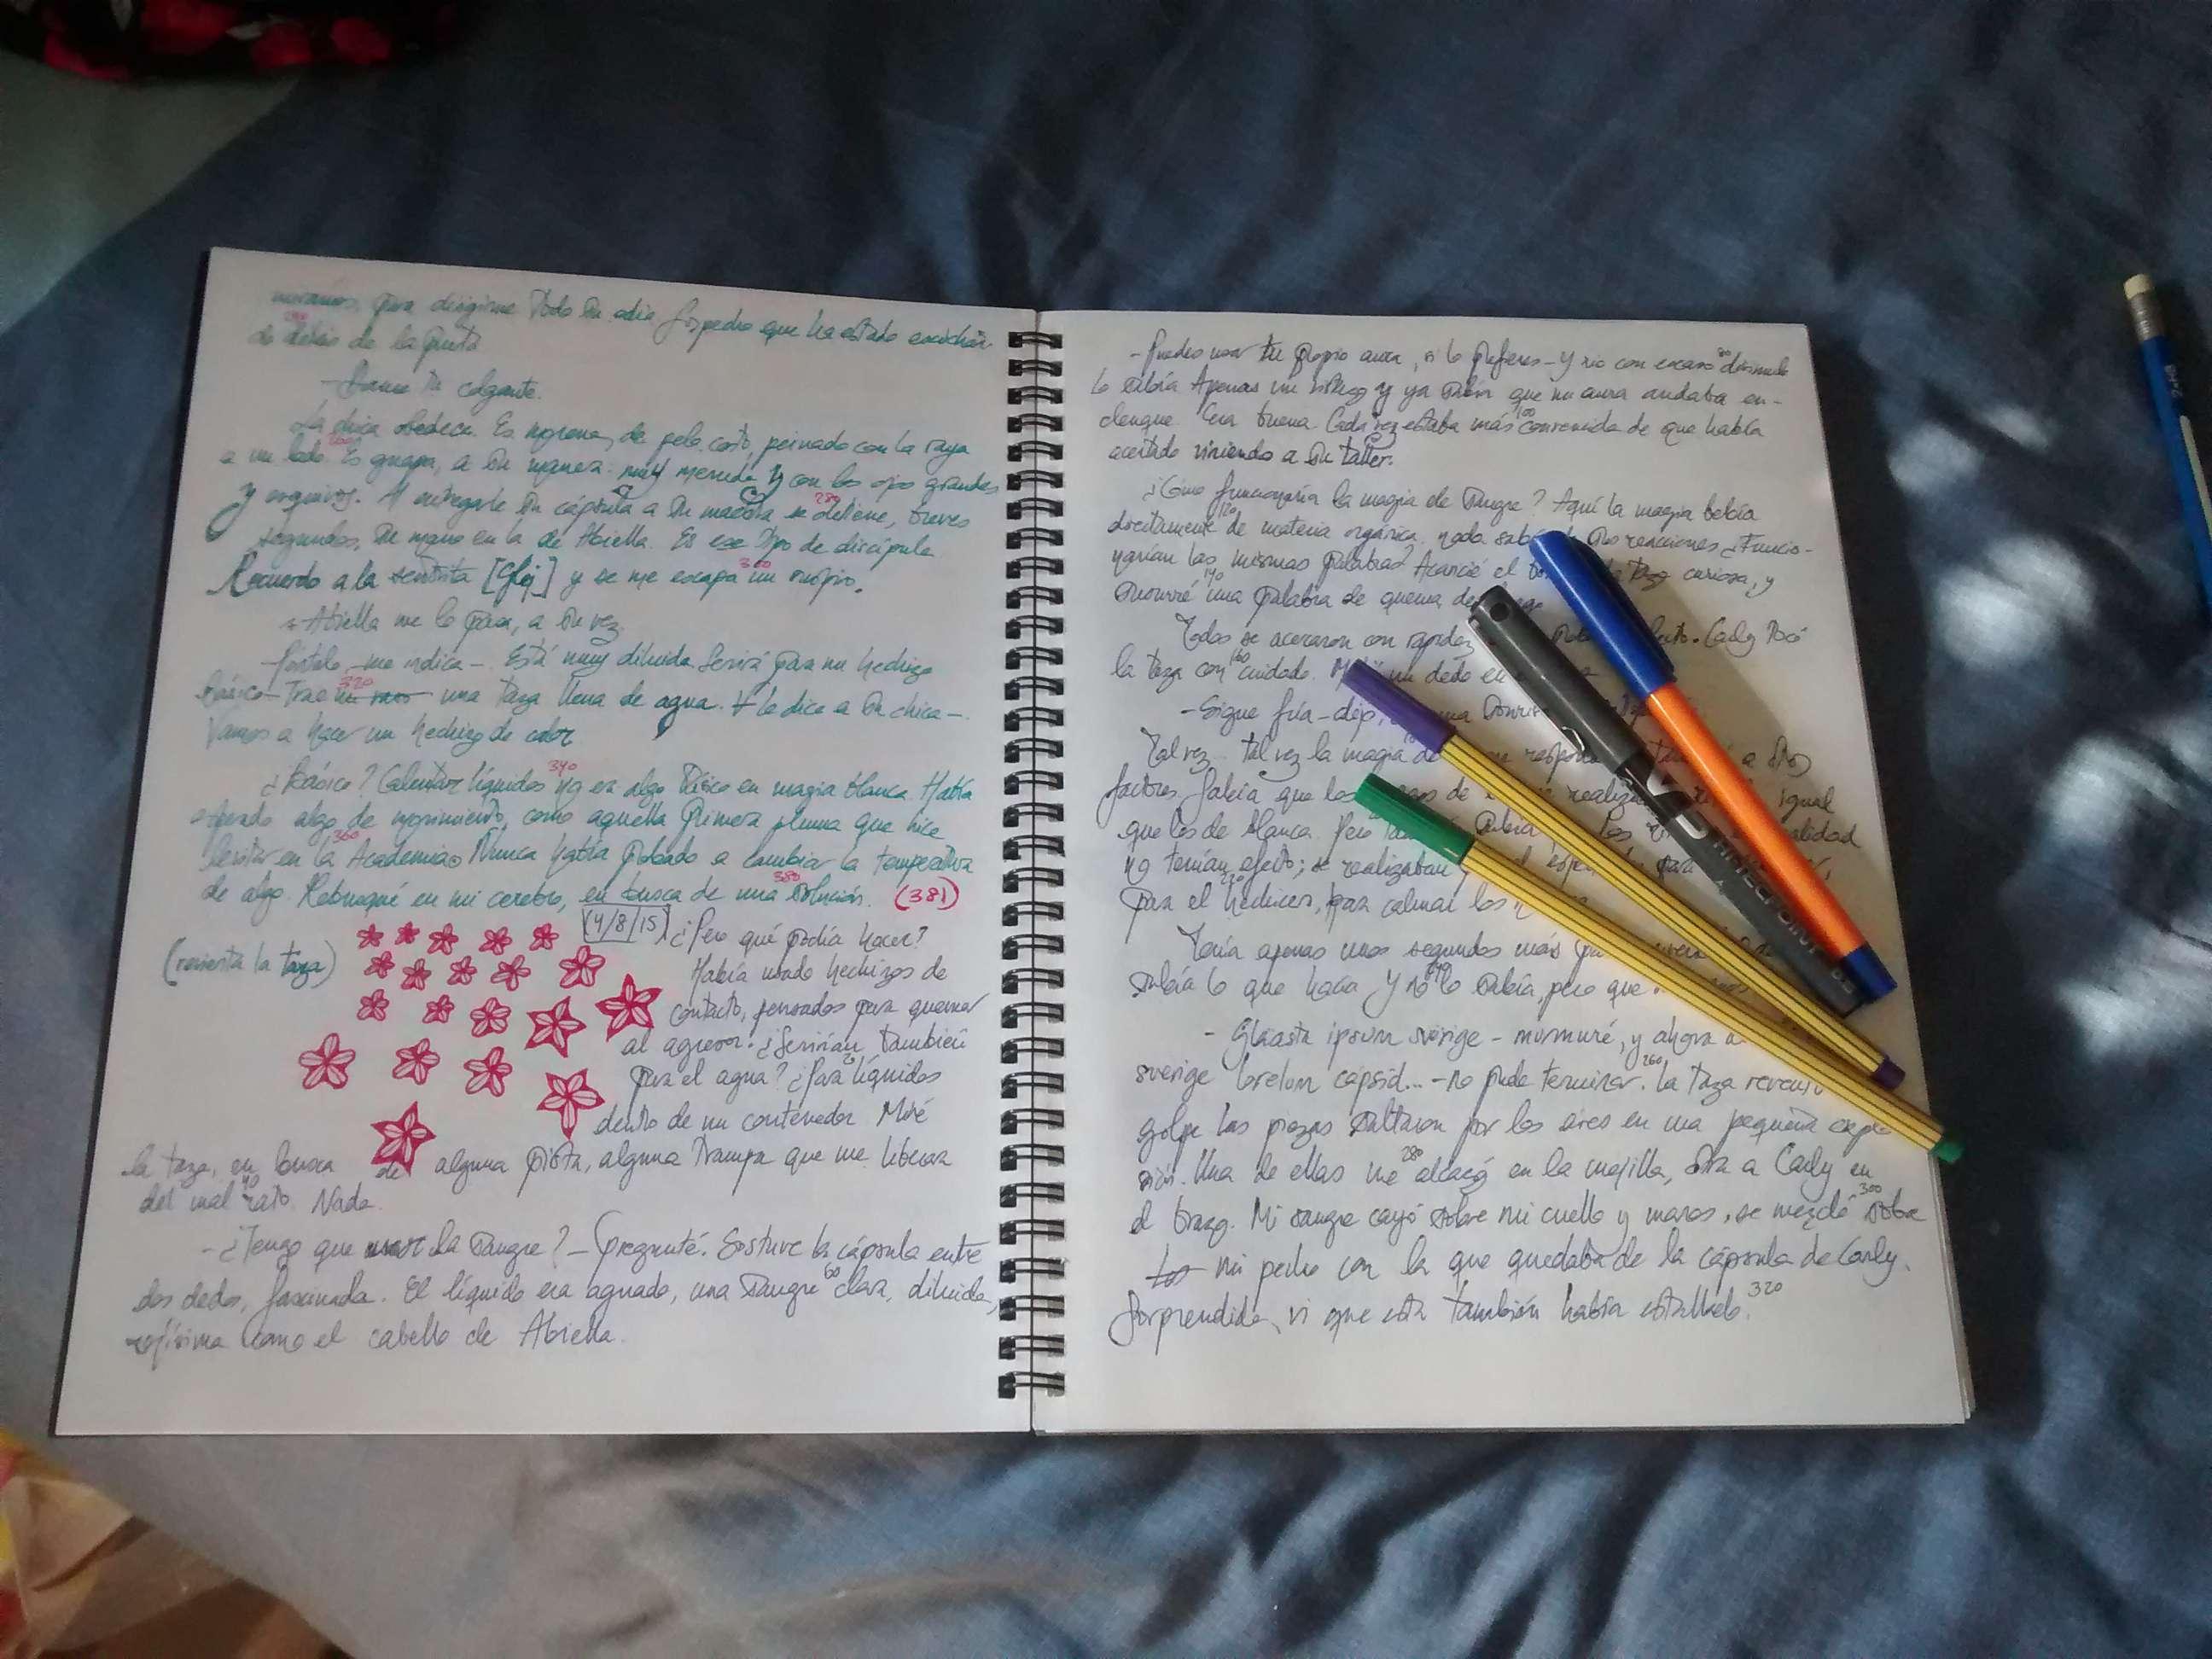 Bolis, plumas y cuadernos: 25 autores nos enseñan sus herramientas ...